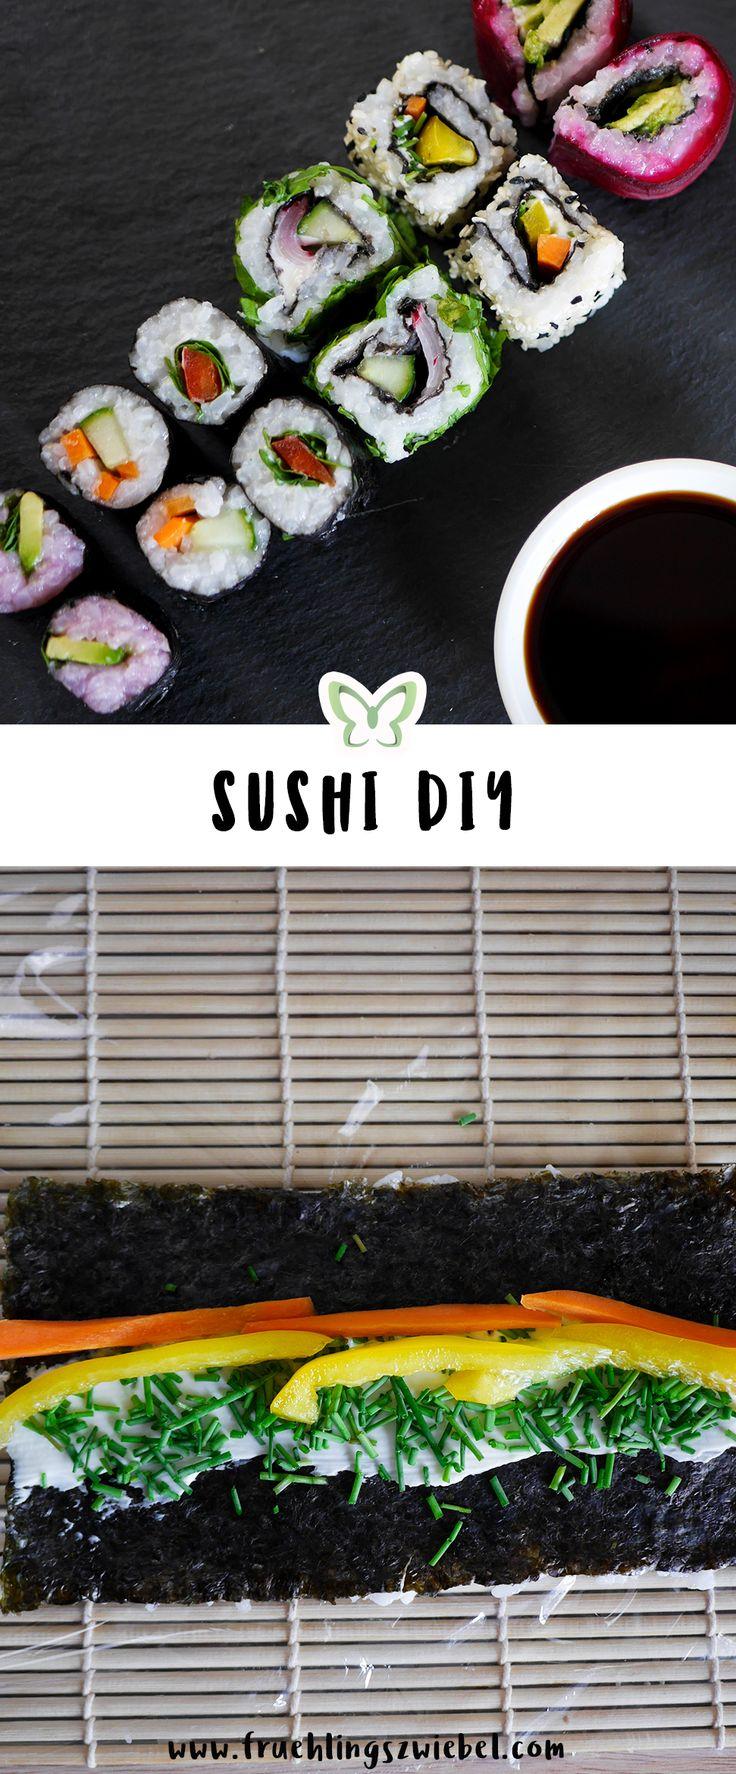 Sushi ist richtig gesundes Fast Food - vor allem selbstgemacht. Ich zeige euch einfache Rezepte für leckere vegetarische Maki und Califonia Rolls #sushi #rezept #selbermachen #diy